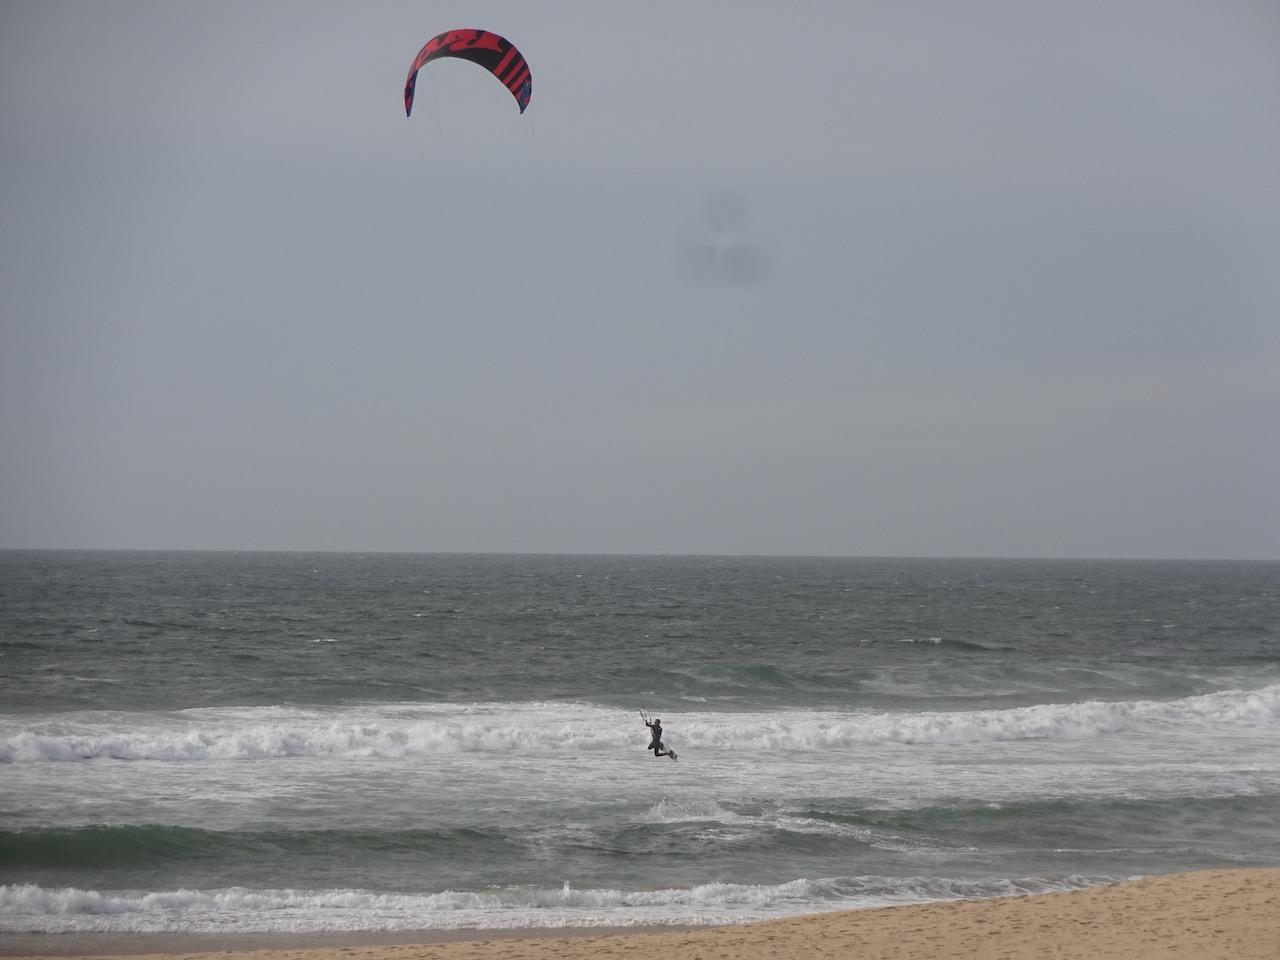 ein Kiter am Strand